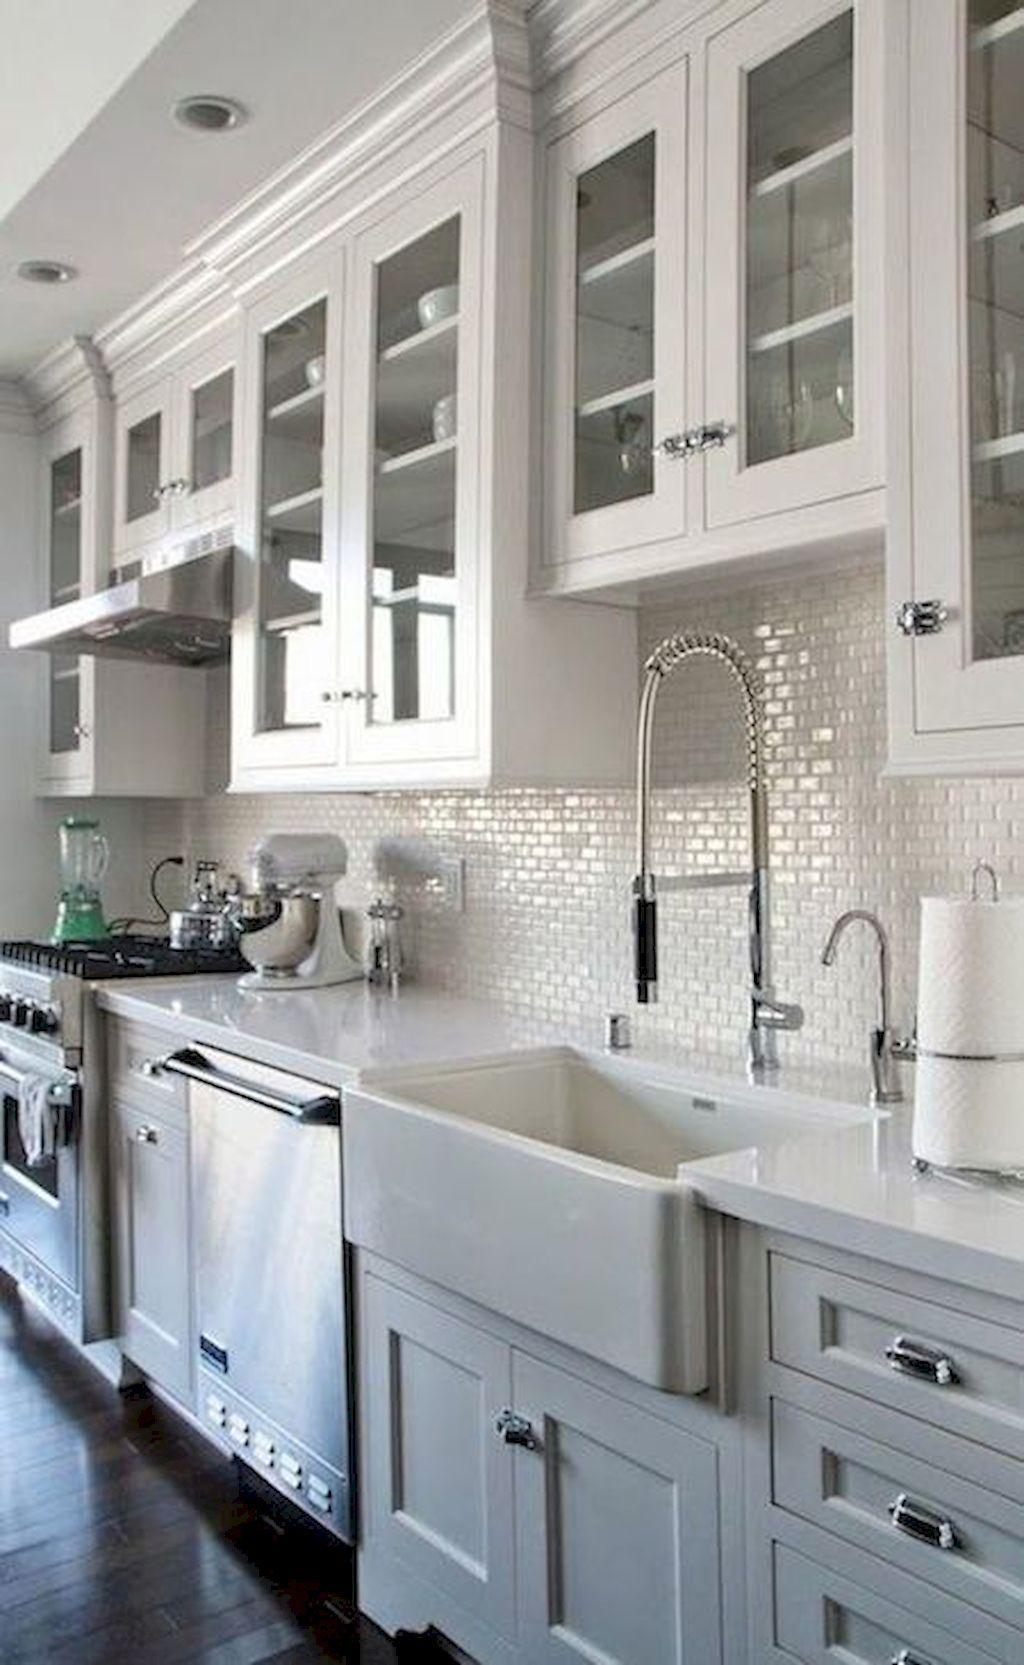 60 Fancy Farmhouse Kitchen Backsplash Decor Ideas 15 Kitchen Design Kitchen Inspirations Home Kitchens